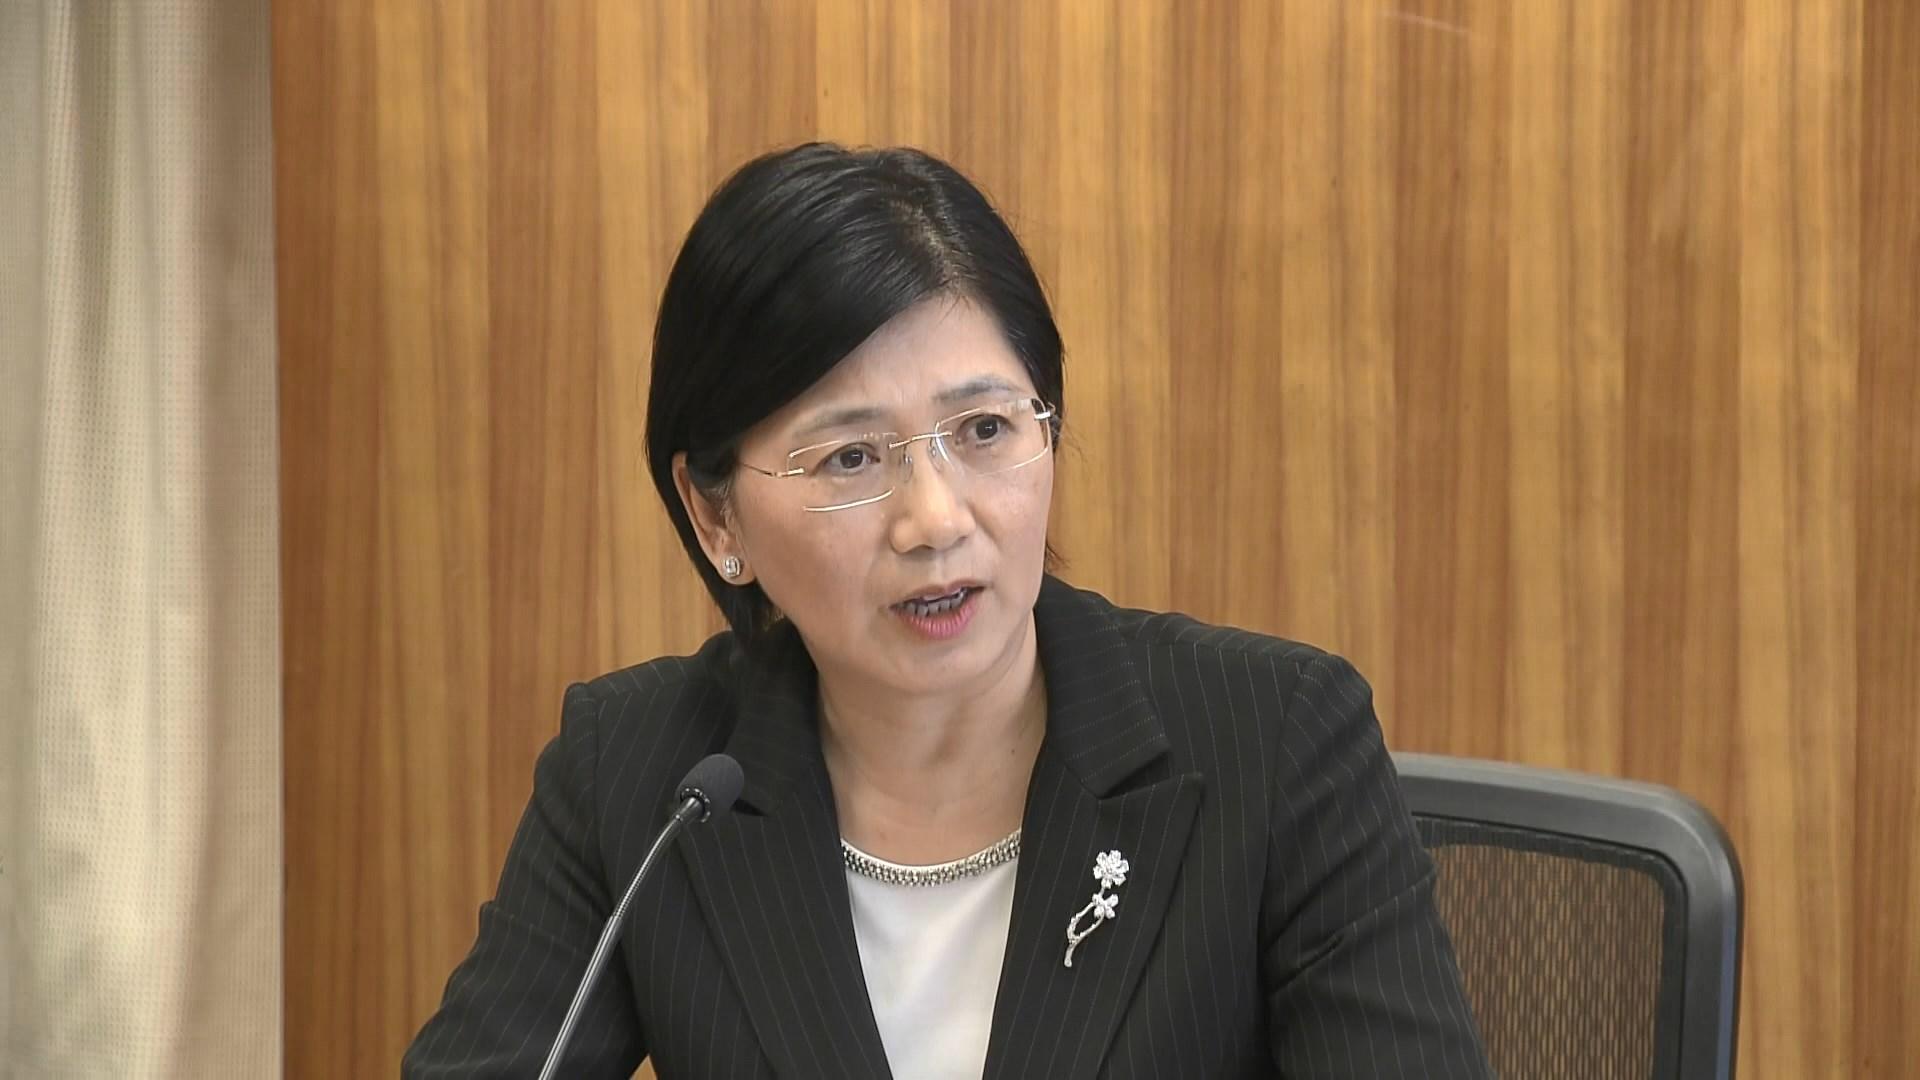 申訴專員趙慧賢:將多作主動調查